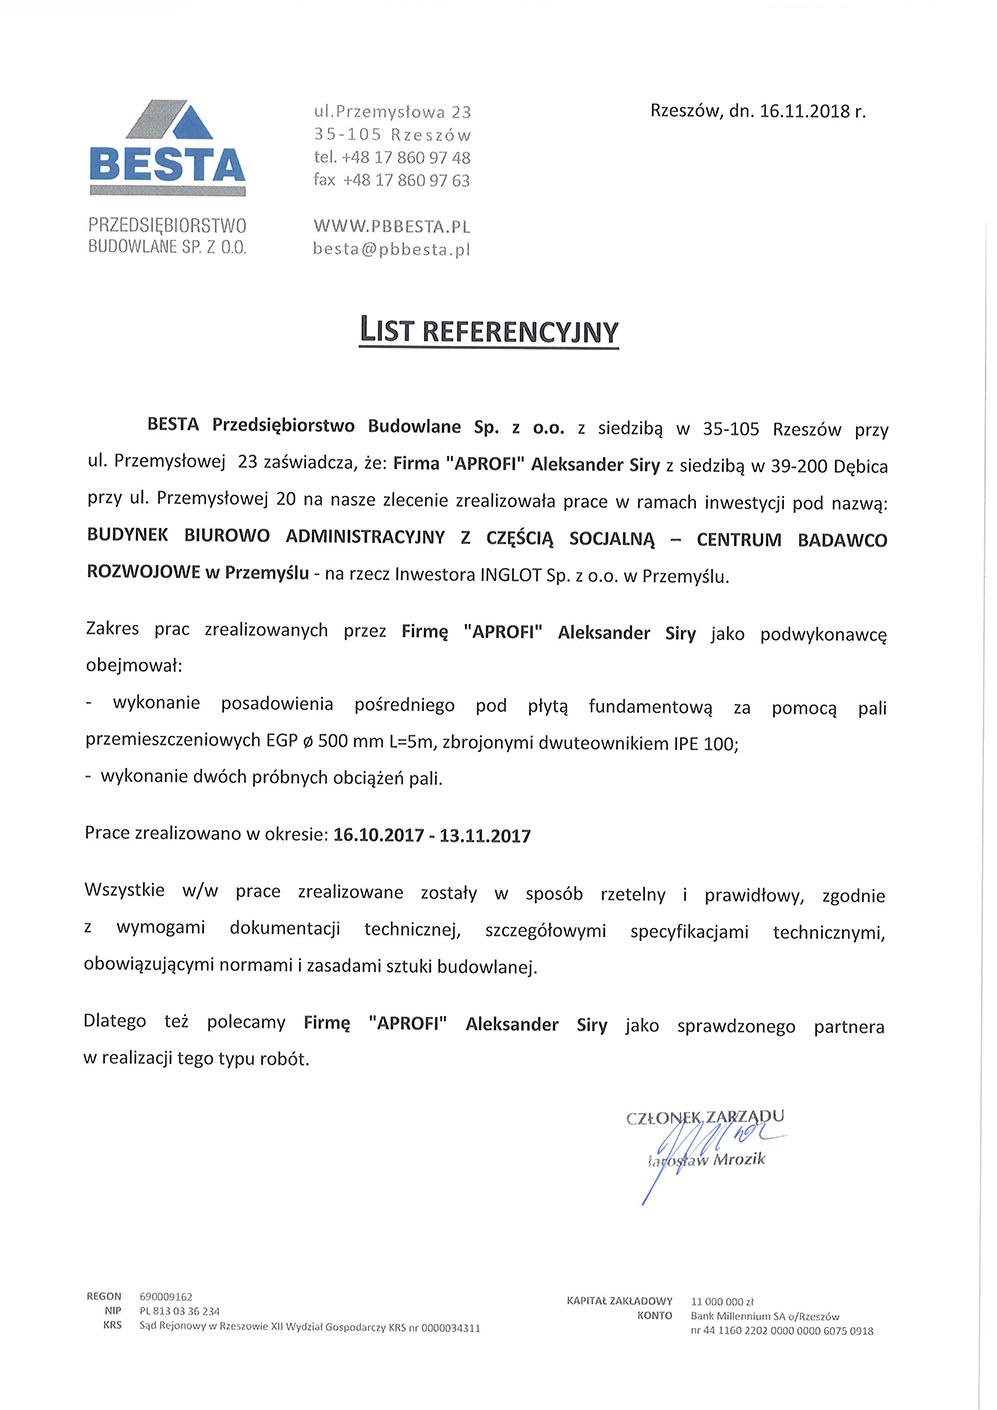 List referencyjny za wykonanie pali przemieszczeniowych EGP dla Centrum Badawczo Rozwojowego w Przemyślu